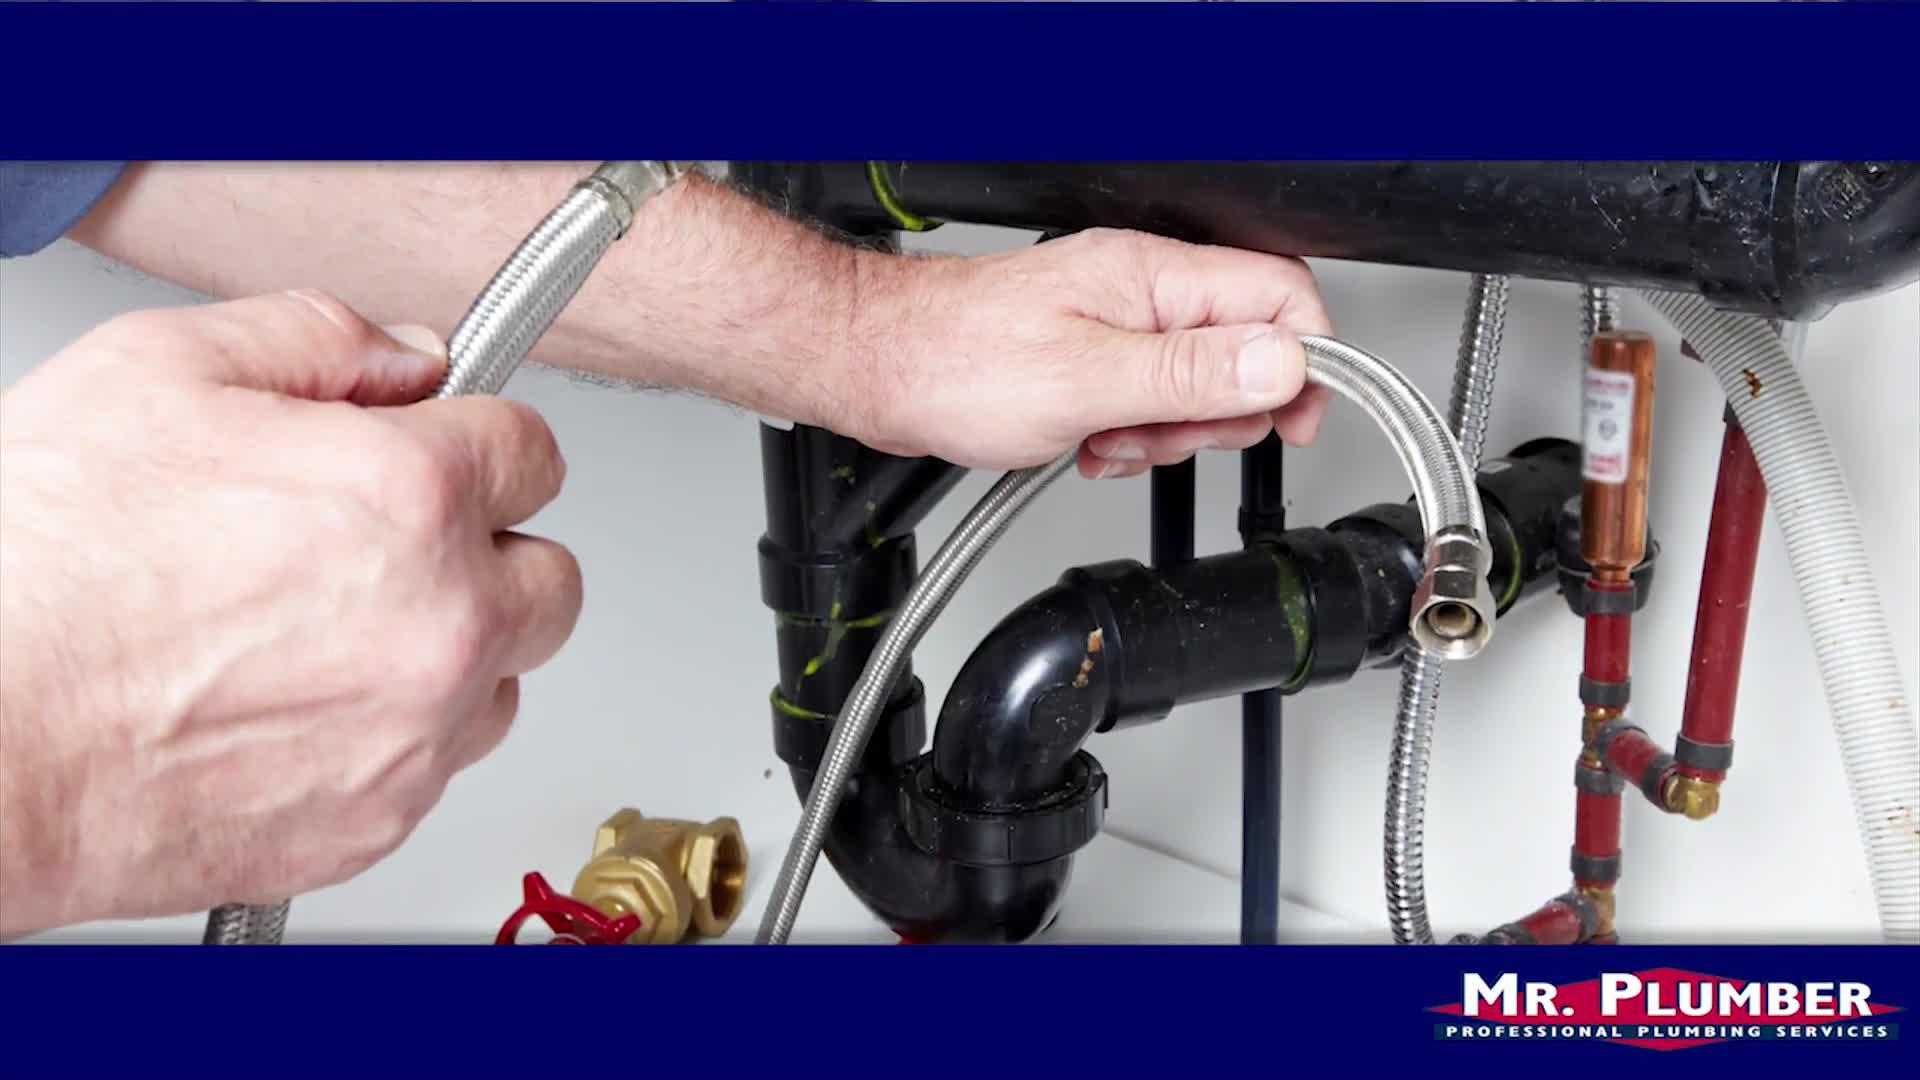 Mr Plumber - Plumbers & Plumbing Contractors - 604-657-4311